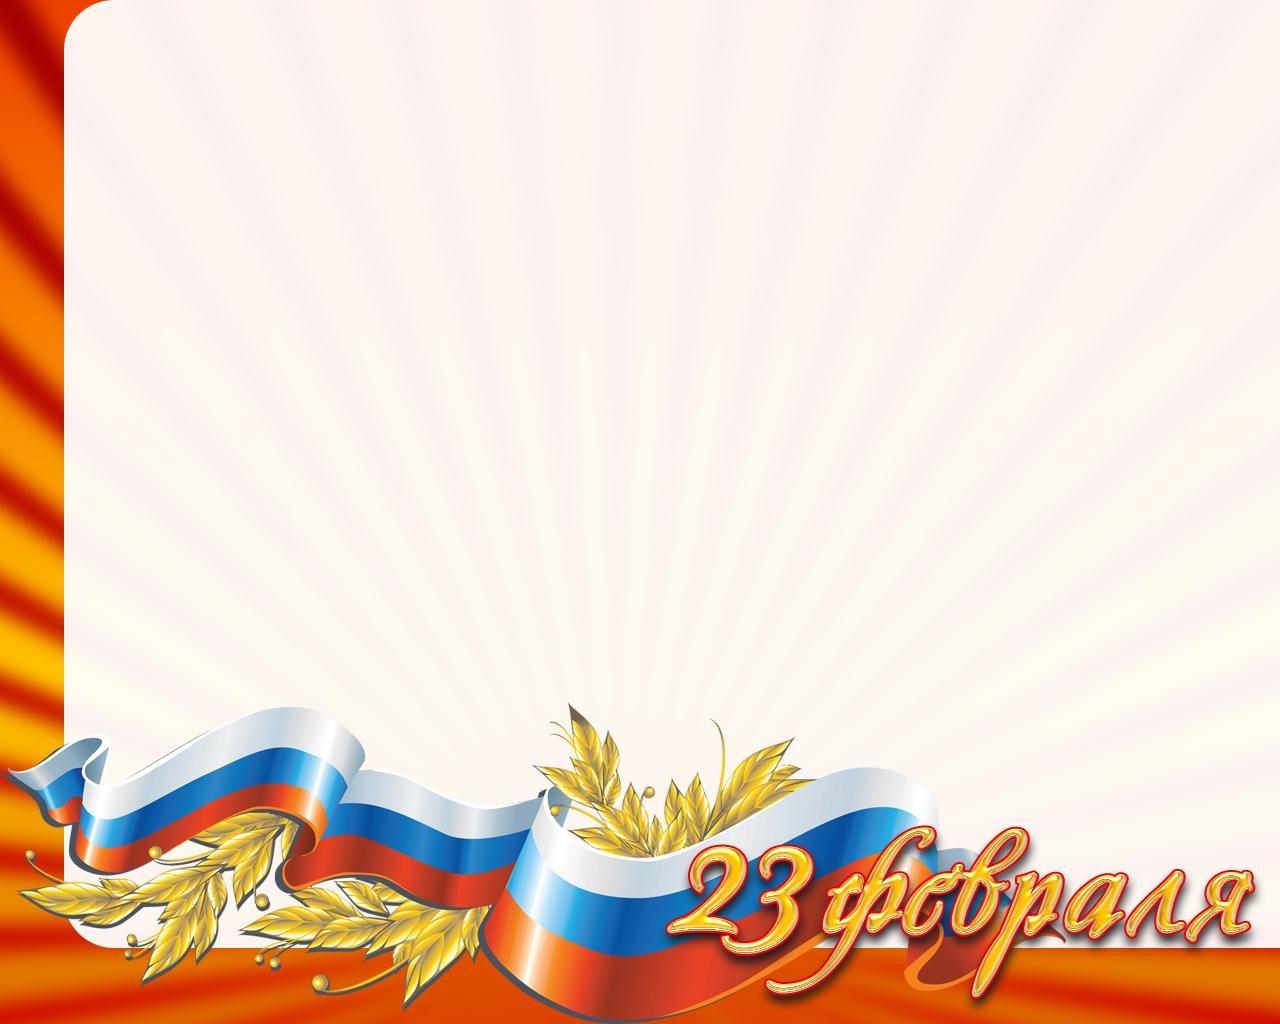 грамота в российском стиле на 23 февраля